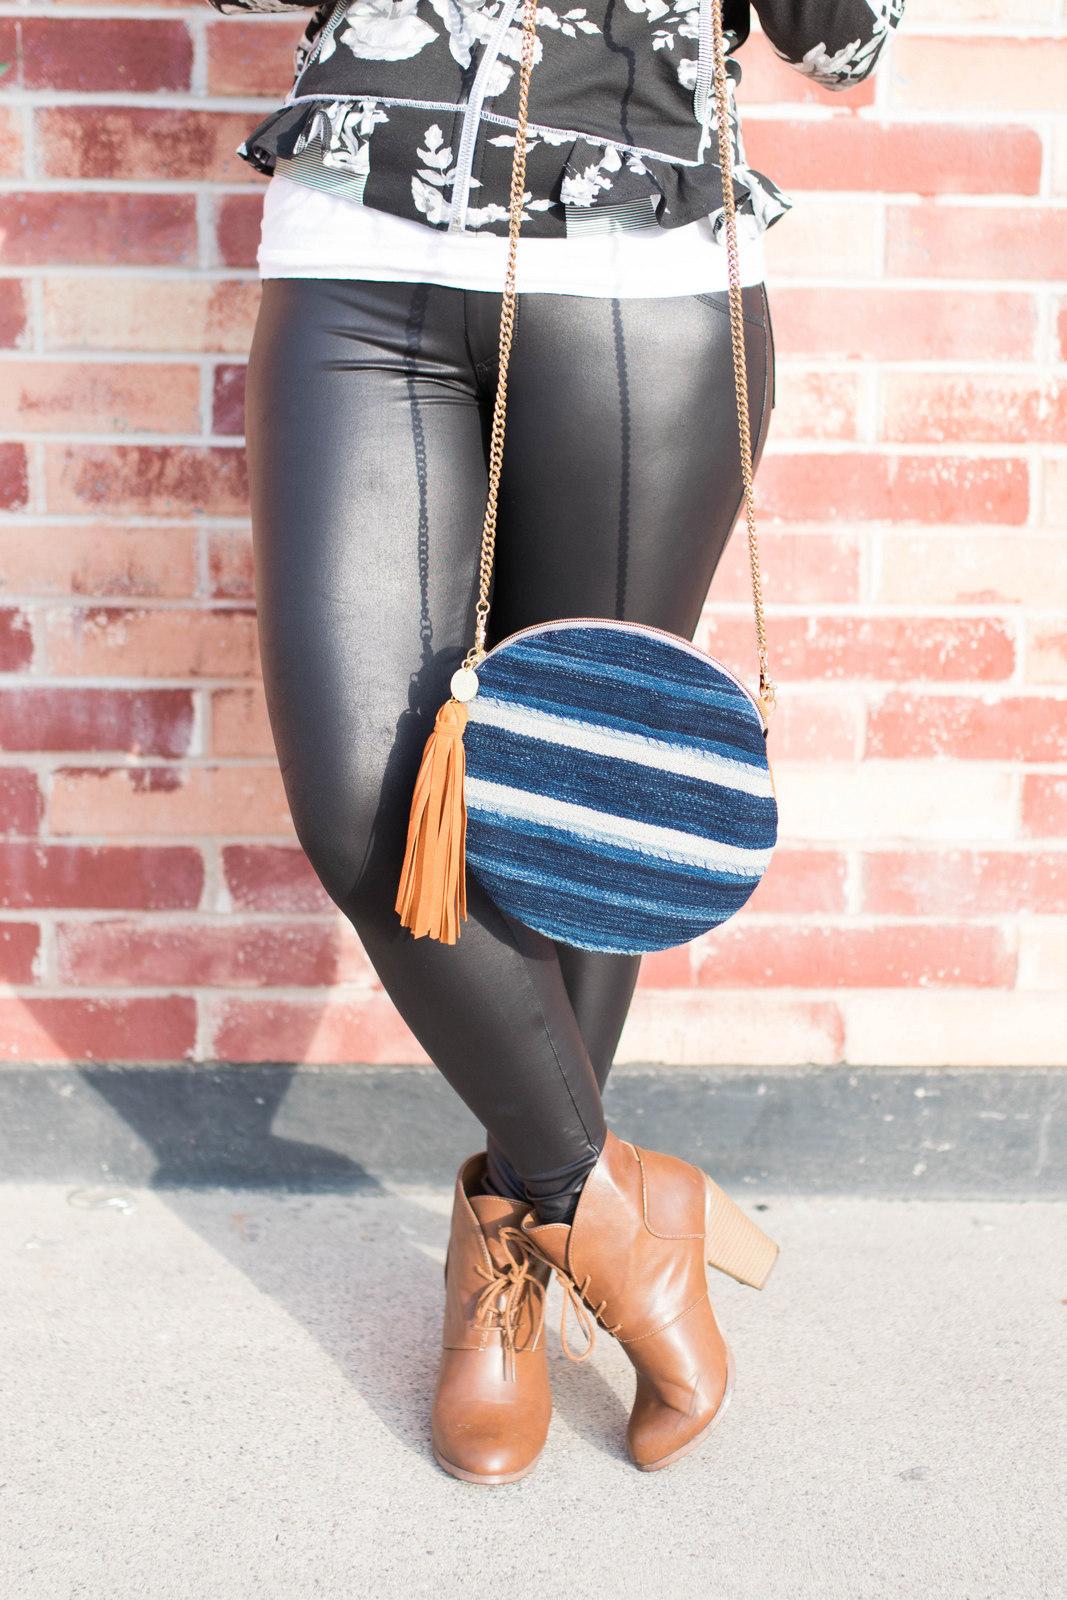 GAIA for Women bag